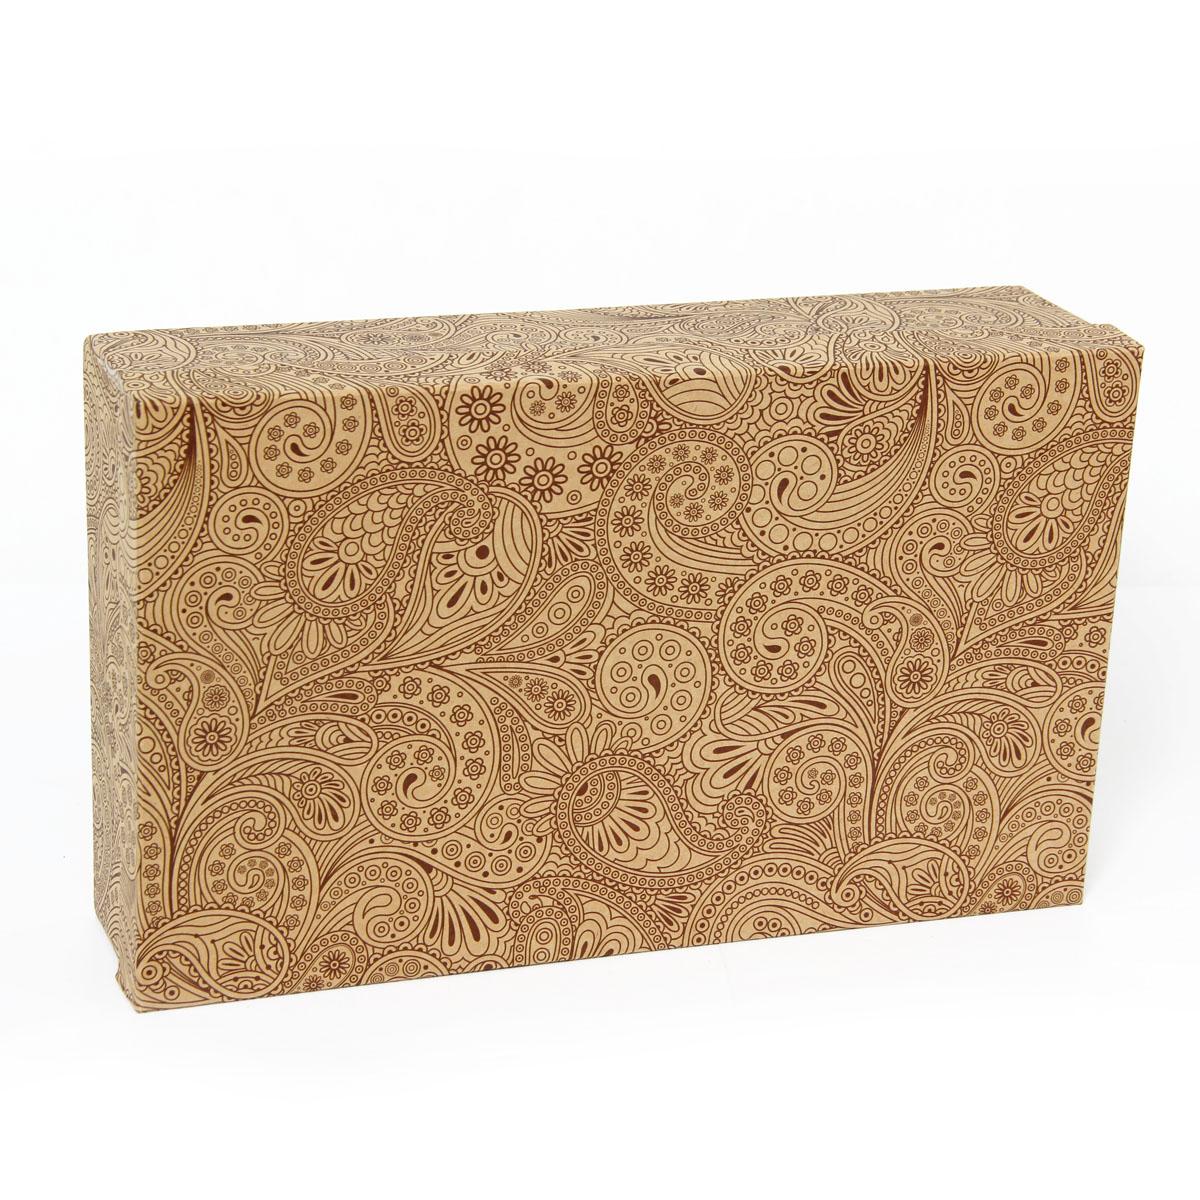 Набор подарочных коробок Veld-Co Растительный орнамент, 5 шт набор подарочных коробок veld co морская тематика прямоугольные 5 шт